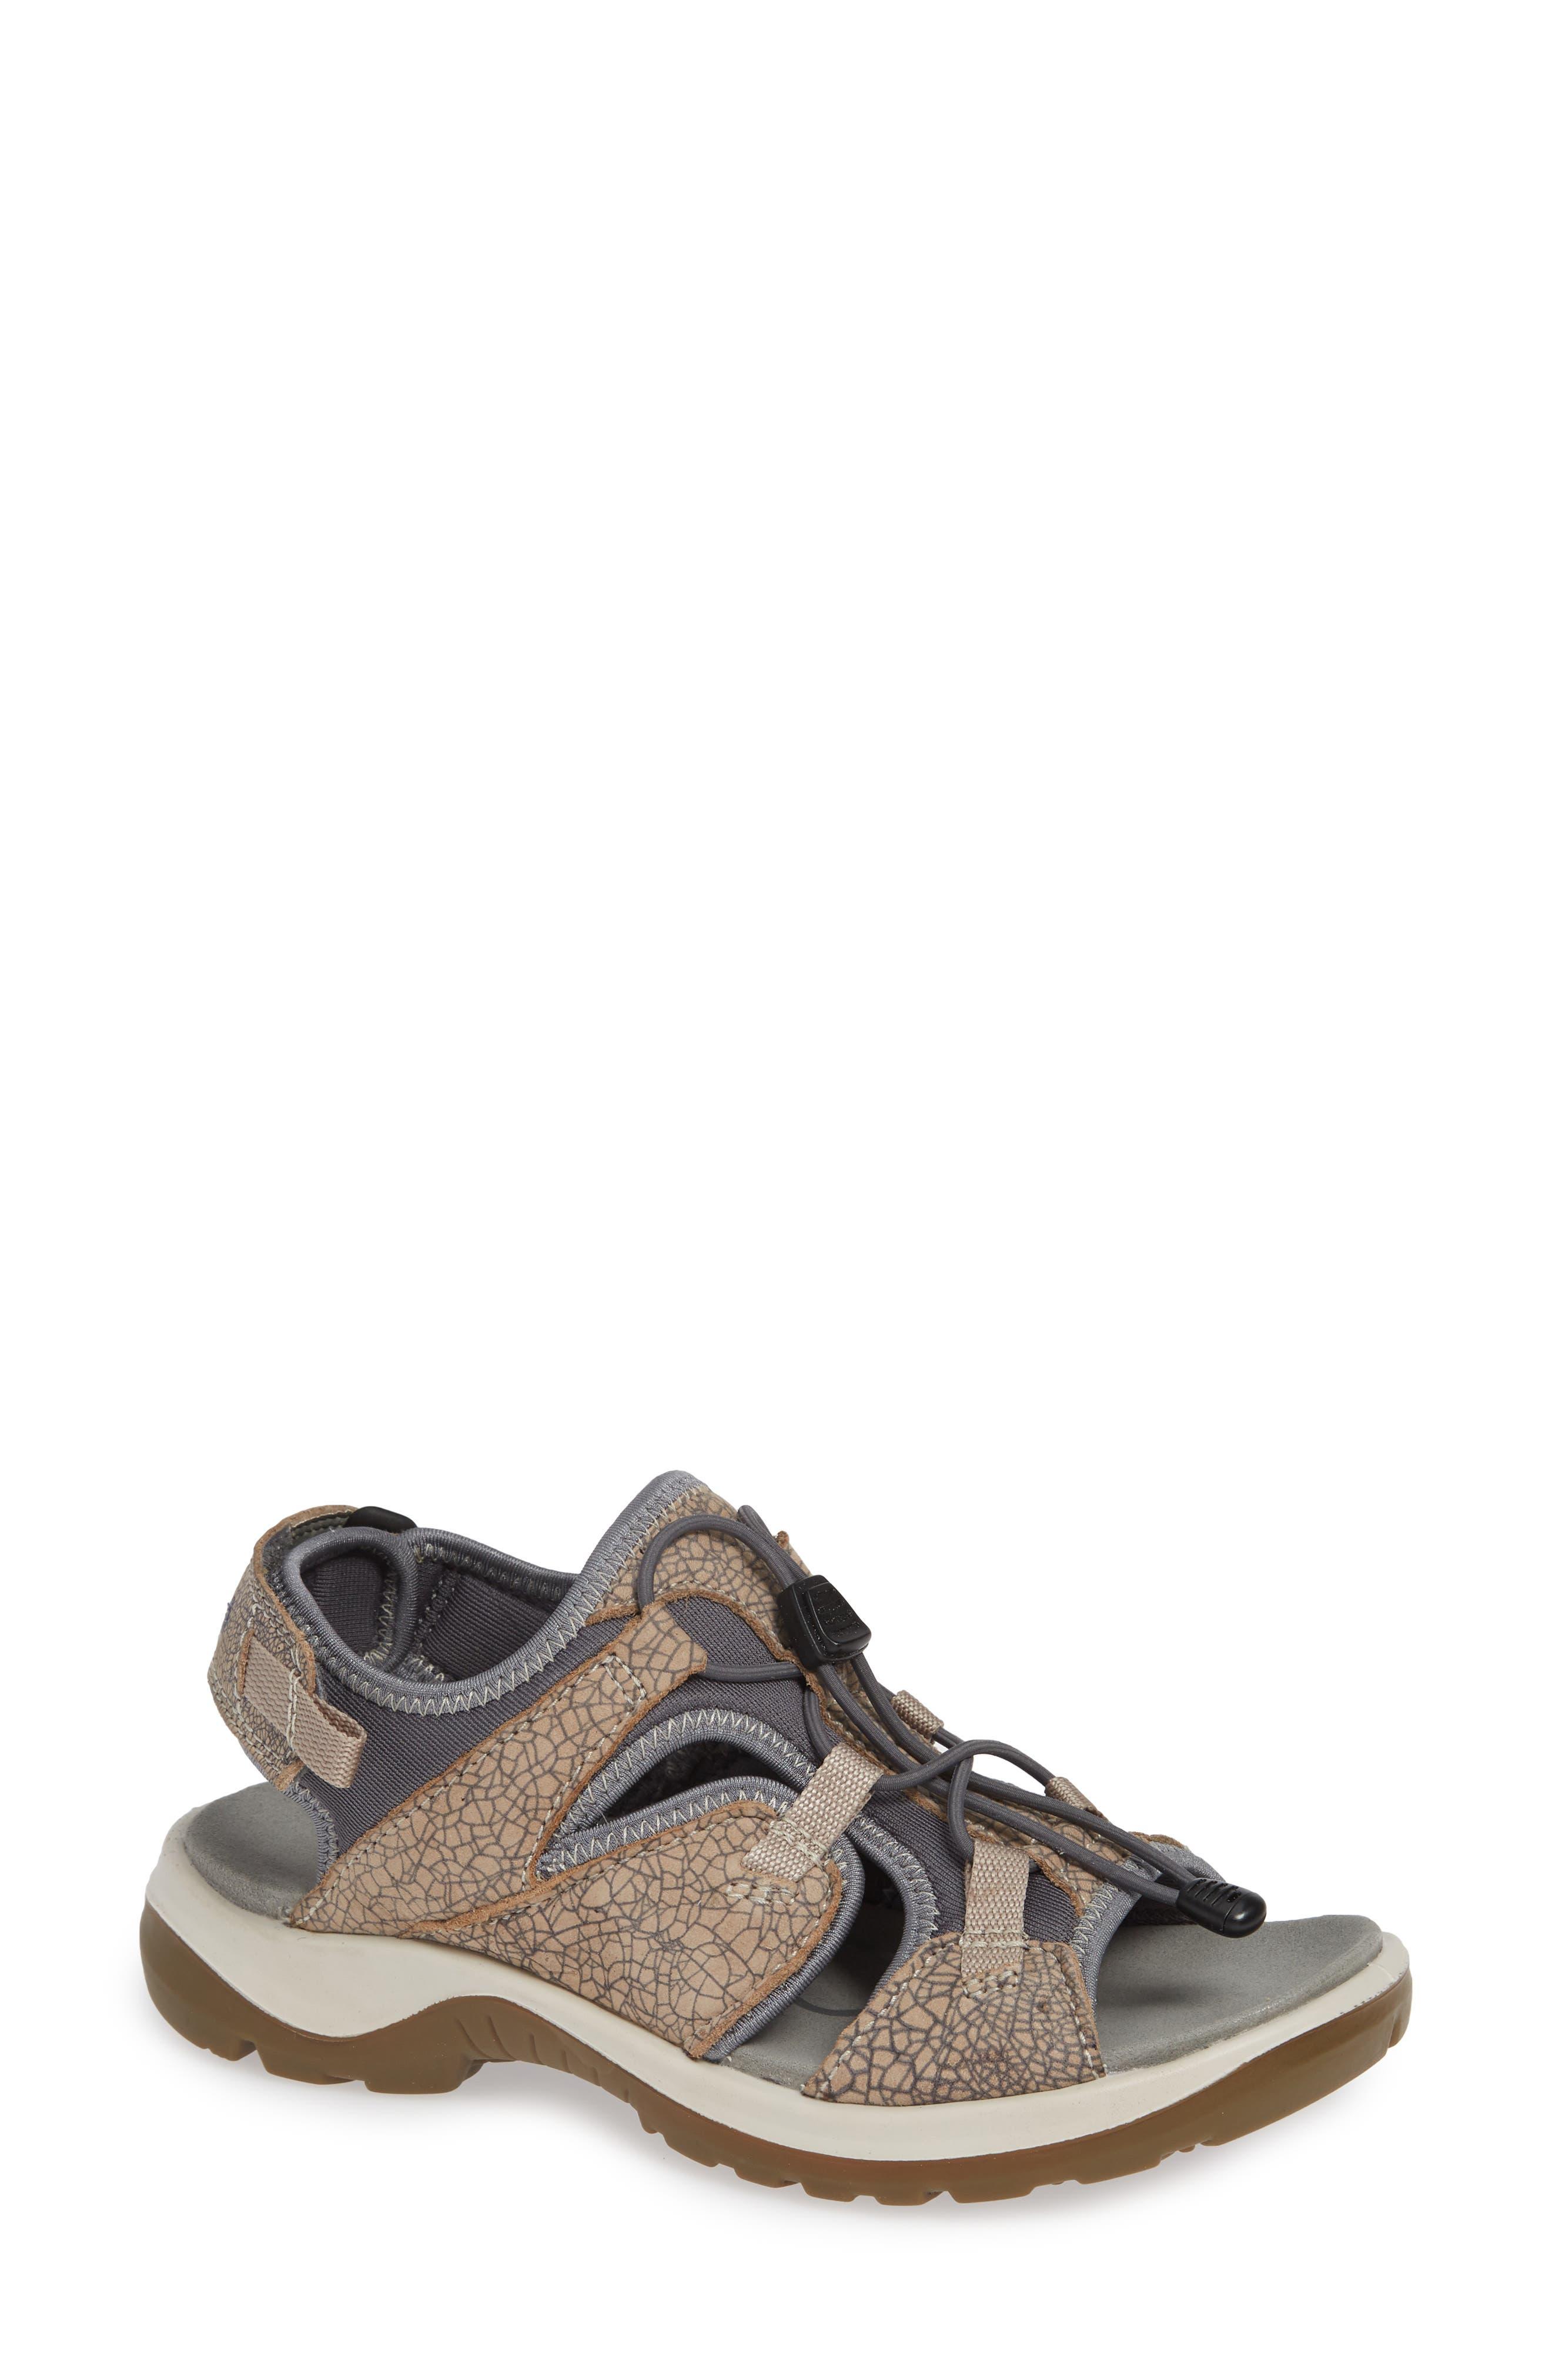 Women's ECCO Sandals | Nordstrom